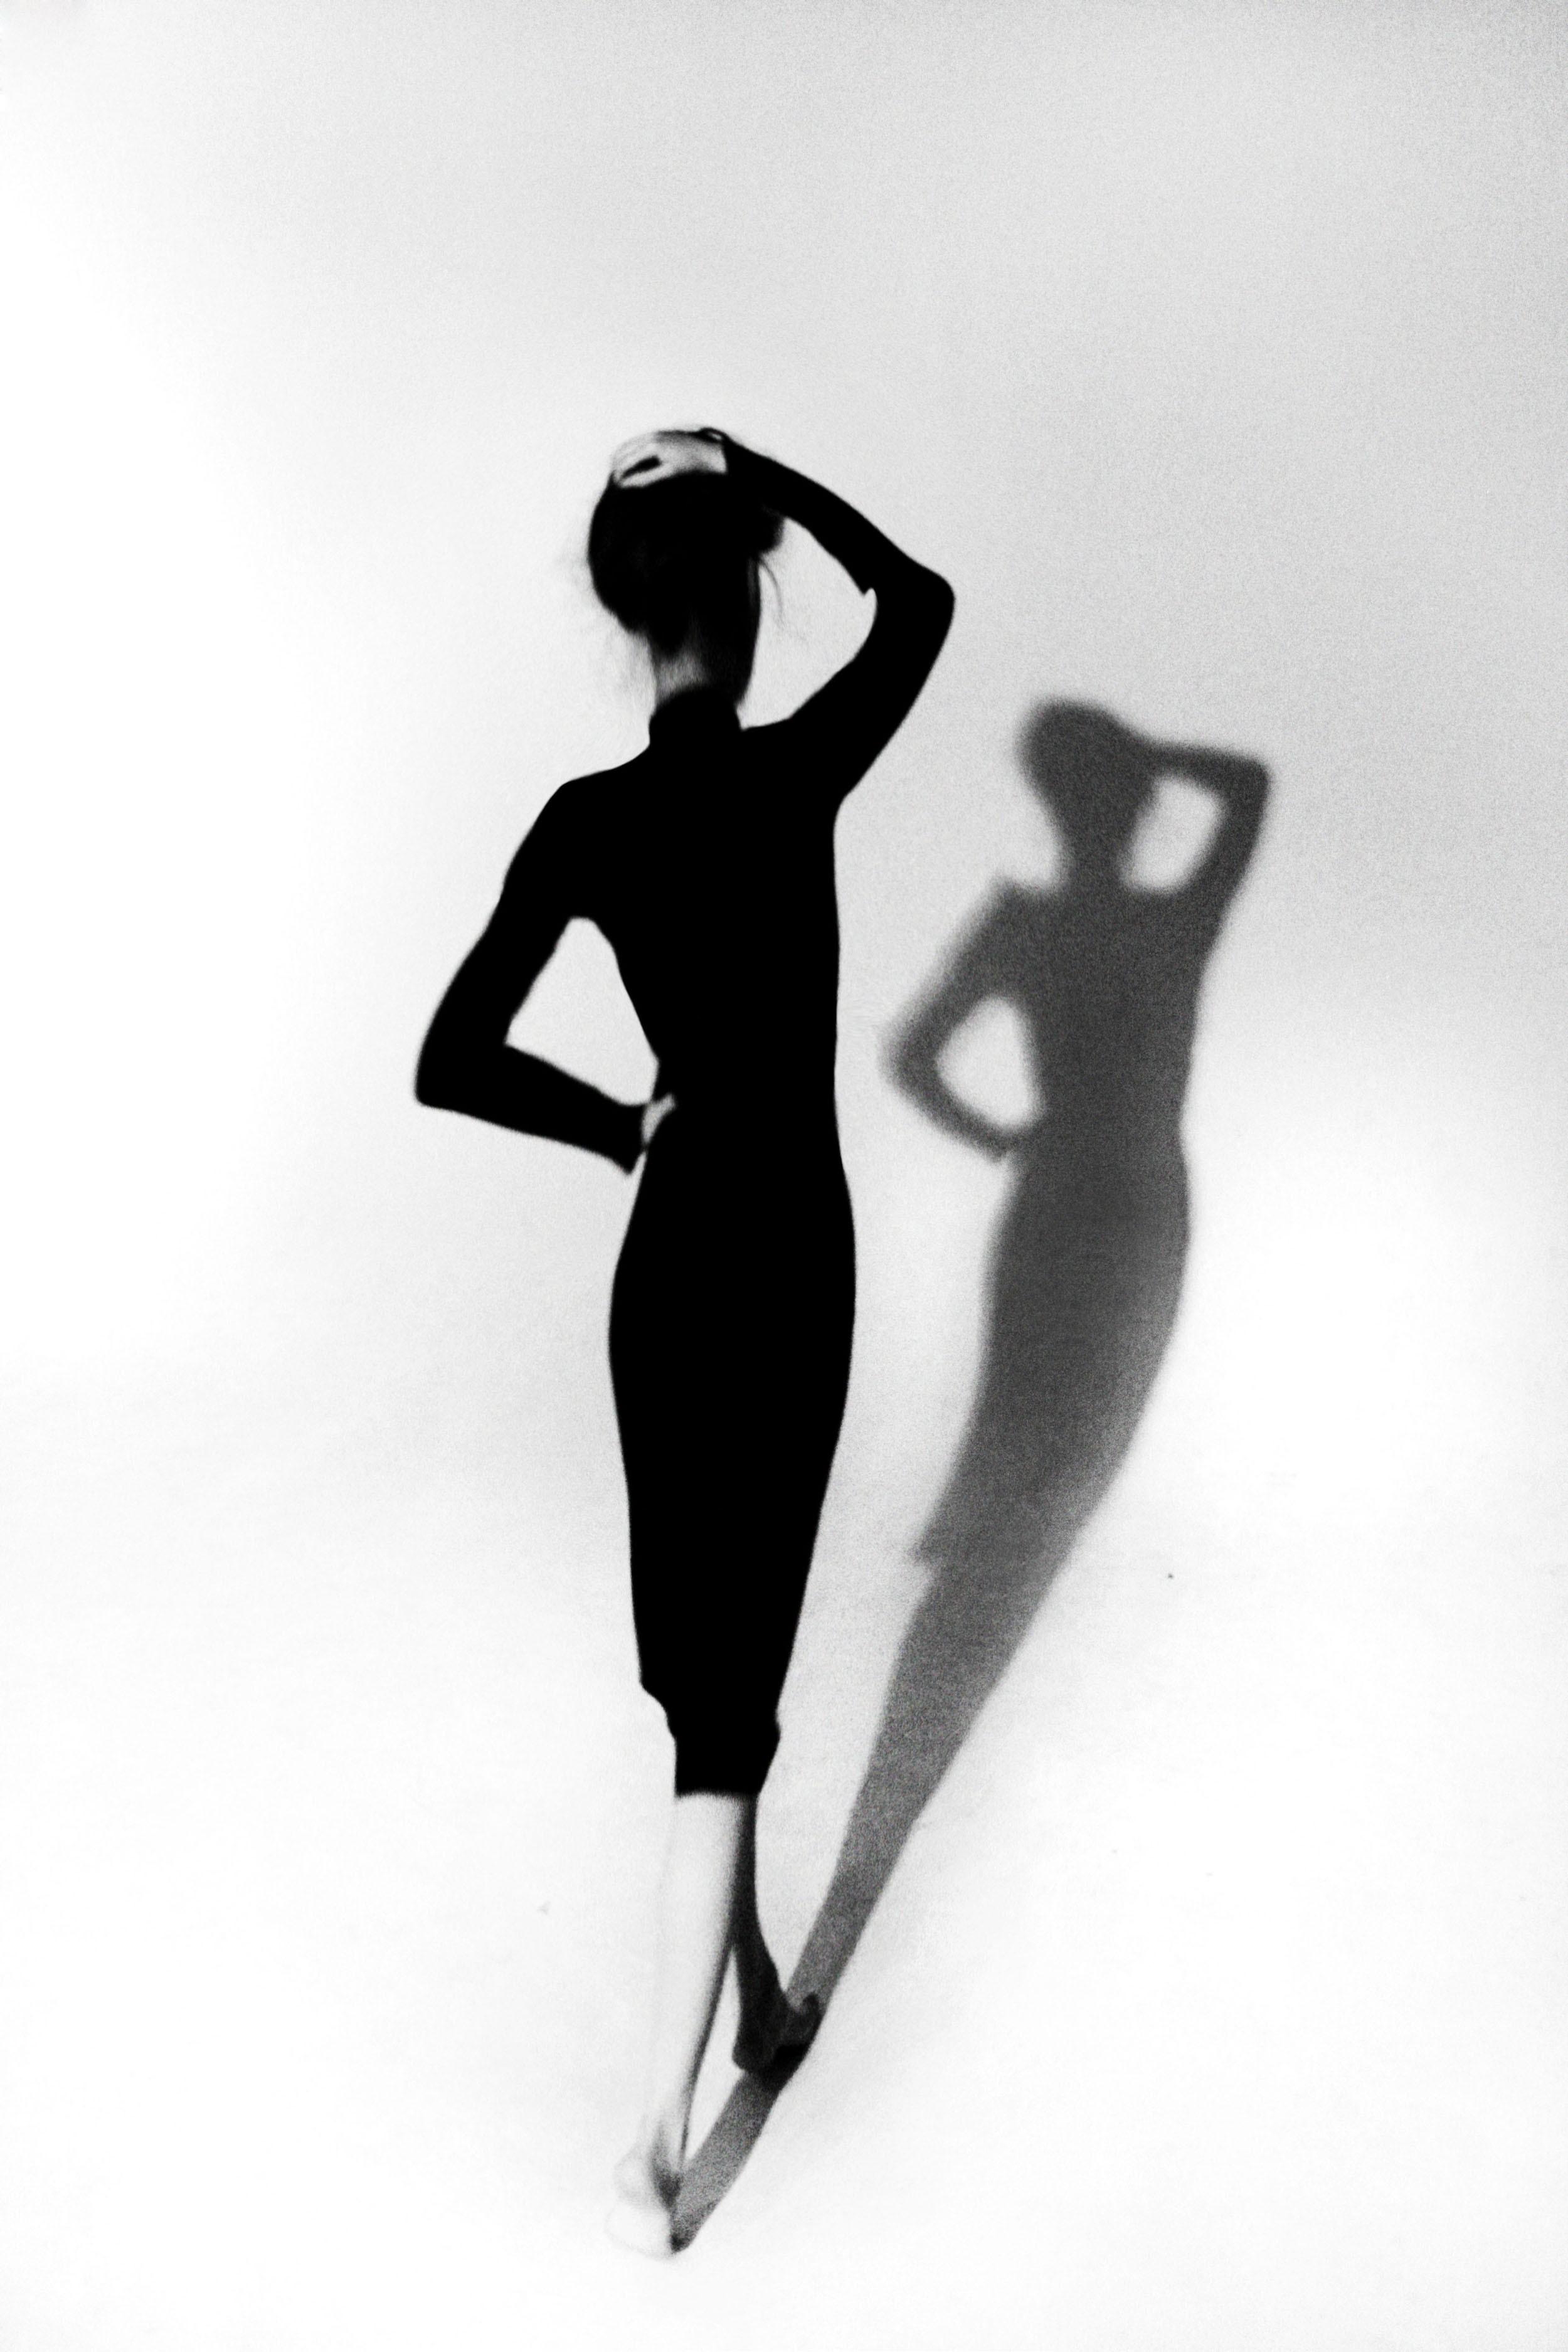 Тень. Фотограф Эстер Идельсон